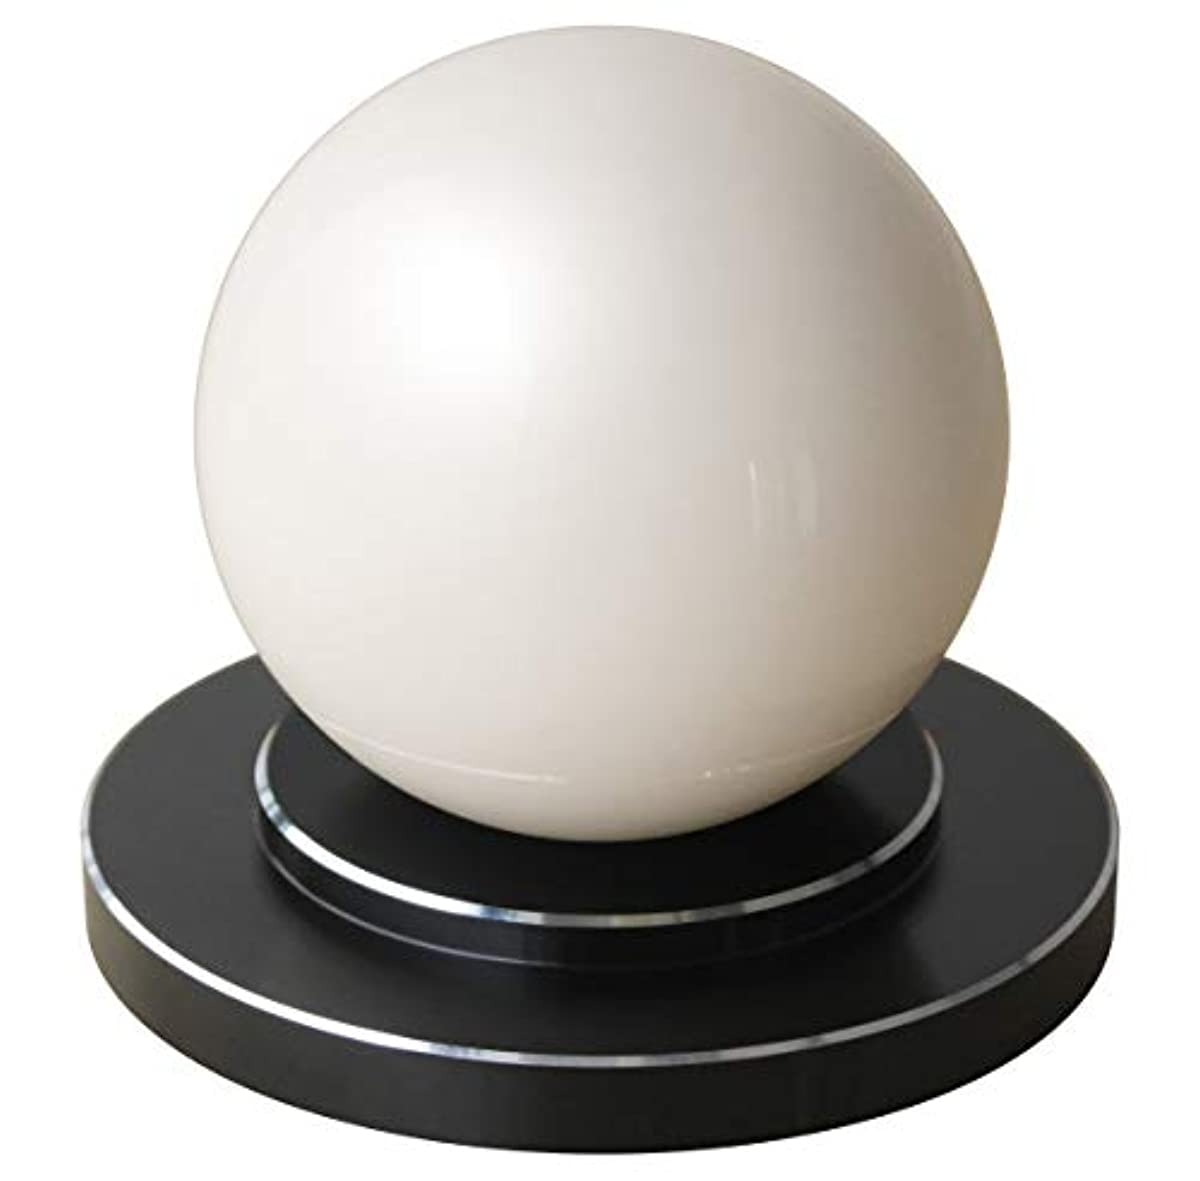 繊維安息従順商品名:楽人球(らくときゅう):インテリアにもなるスタイリッシュな指圧器。光沢のある大きな球体。美しさと指圧の実力を兼ね備えた全く新しいタイプの指圧器。筋肉のこりをほぐし、リラックスできる。 【 すごく効く理由→一点圧により...